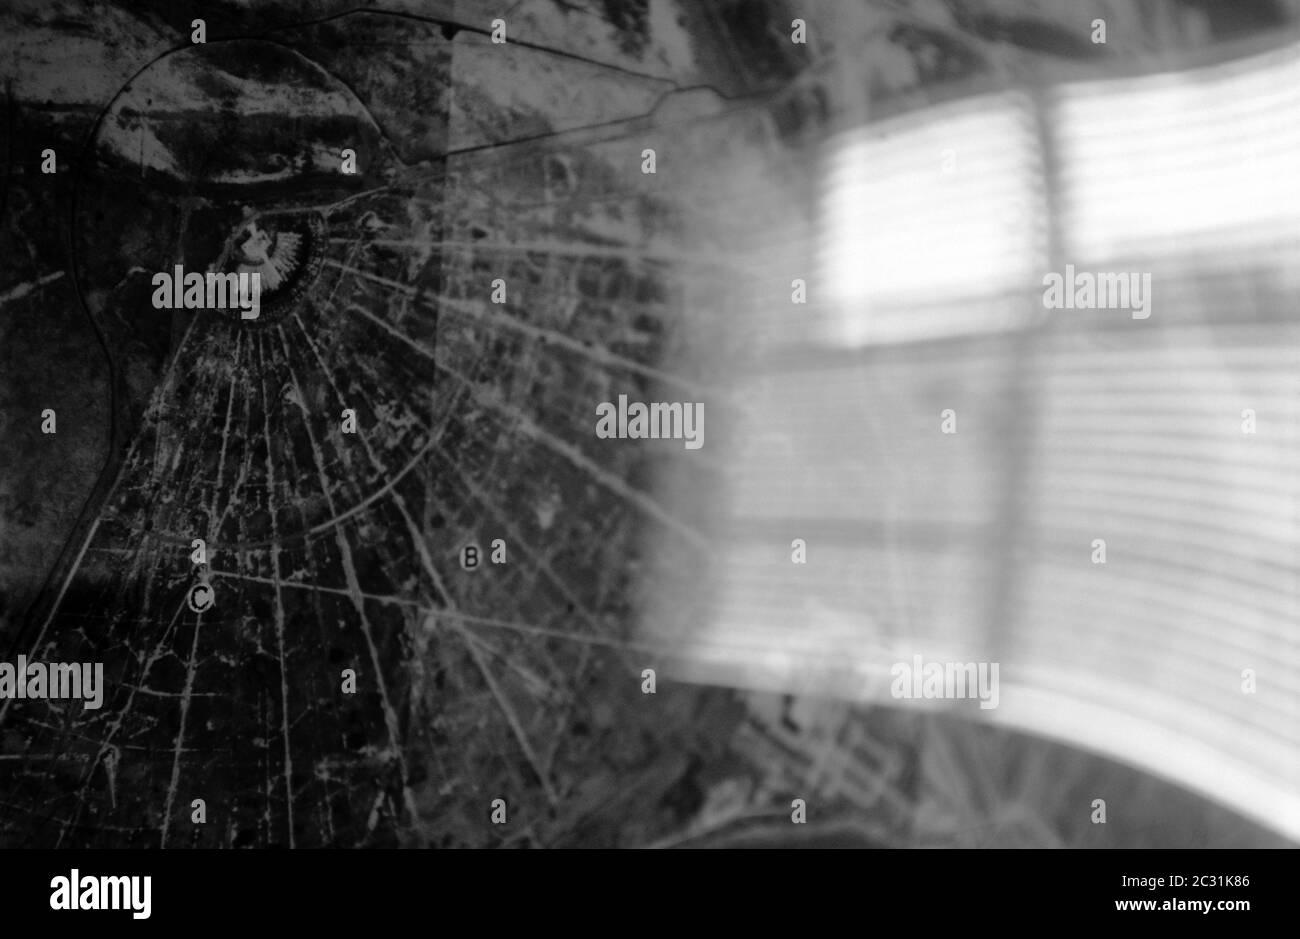 Schwarz-Weiß-Vogelfotografie der geheimen Cobra Mist Radarisolierung, Orfordness, Suffolk, Großbritannien. Stockfoto